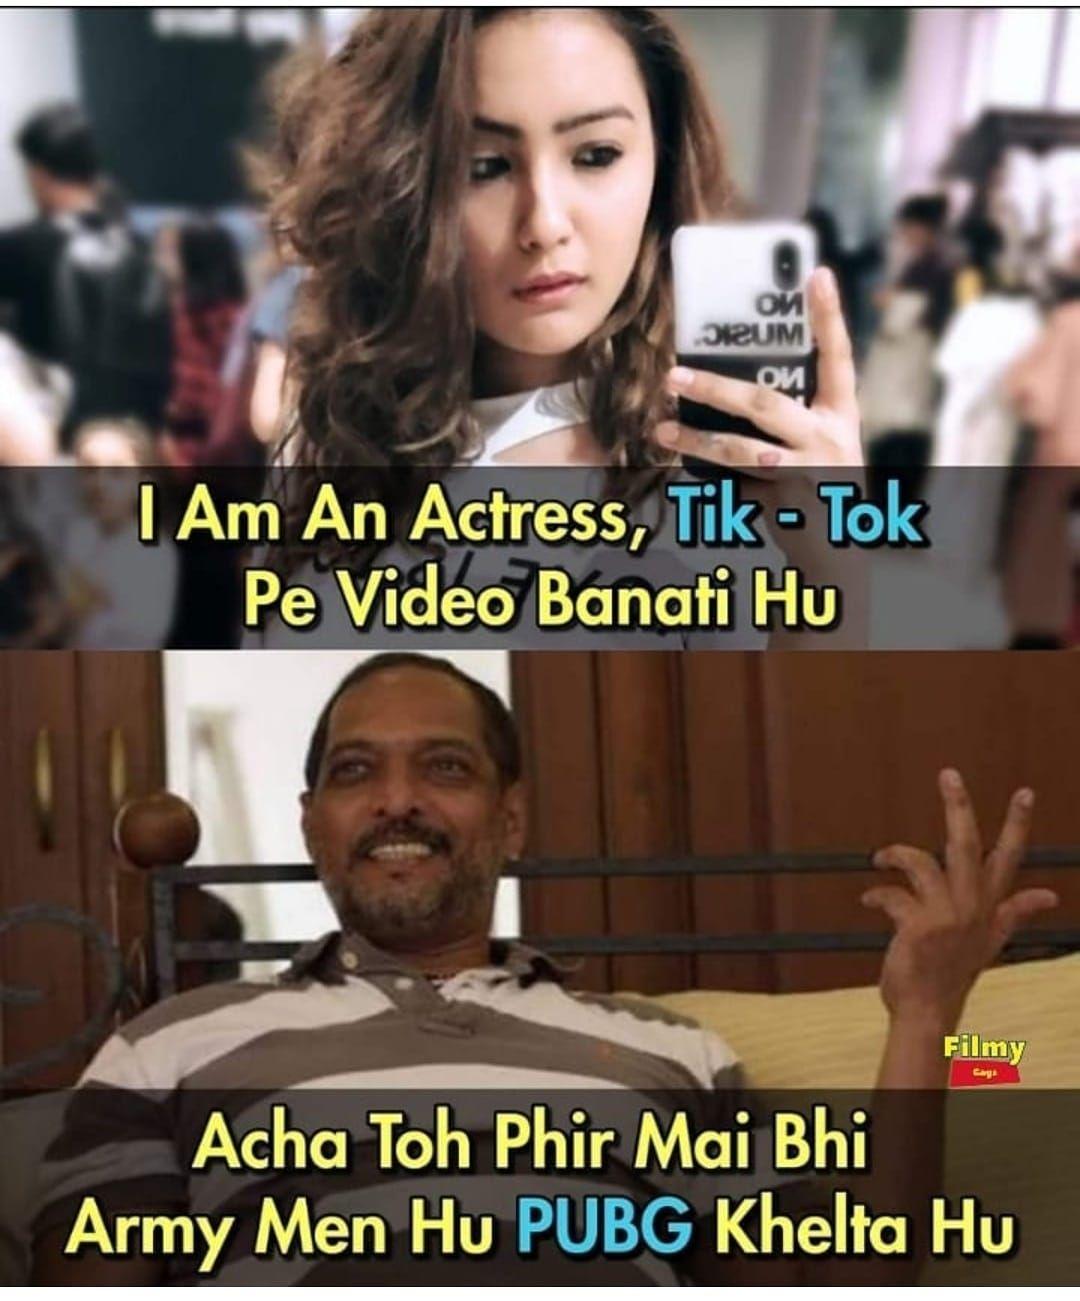 Pubg Funny Jokes In Hindi : funny, jokes, hindi, Tiktok, Jokes, Hindi, Hindi,, Jokes,, Engineering, Memes